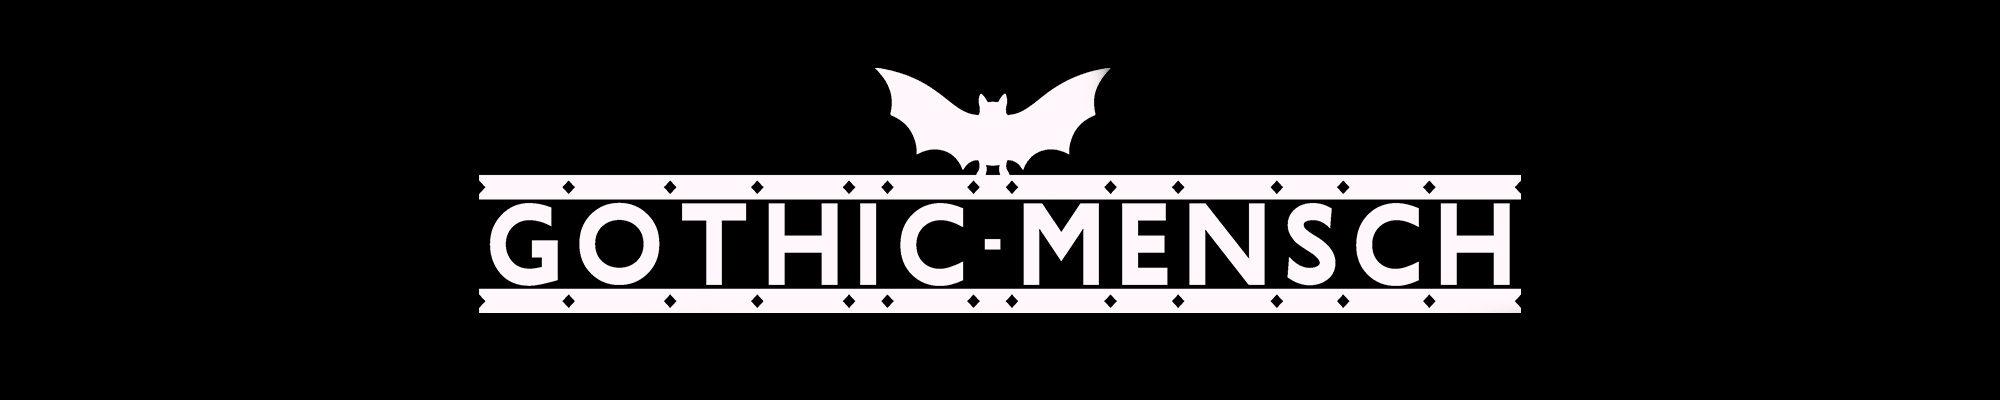 Gothic-Mensch